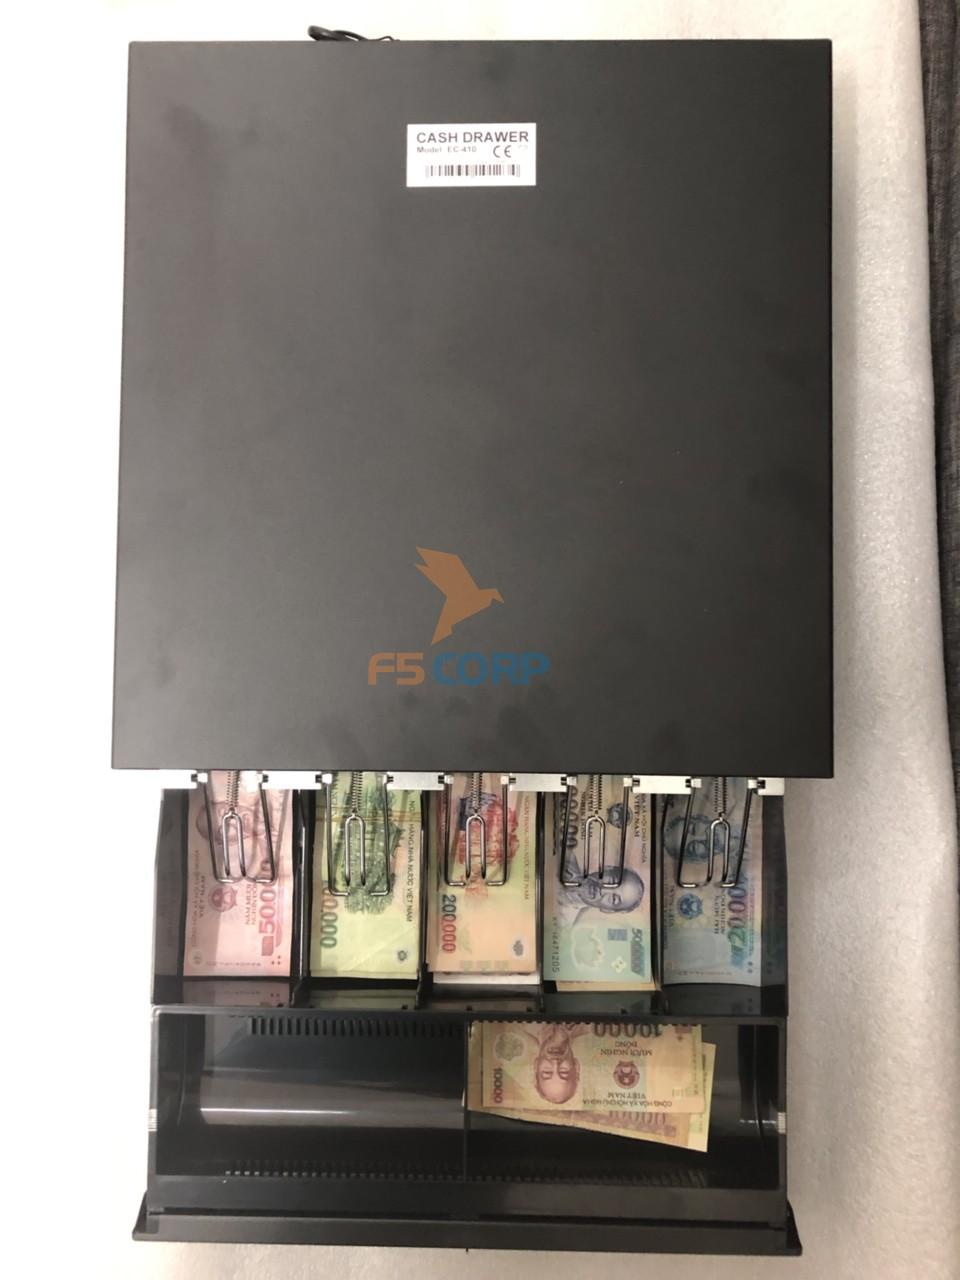 Ngăn kéo đựng tiền Code soft EC-410 Cash Drawer